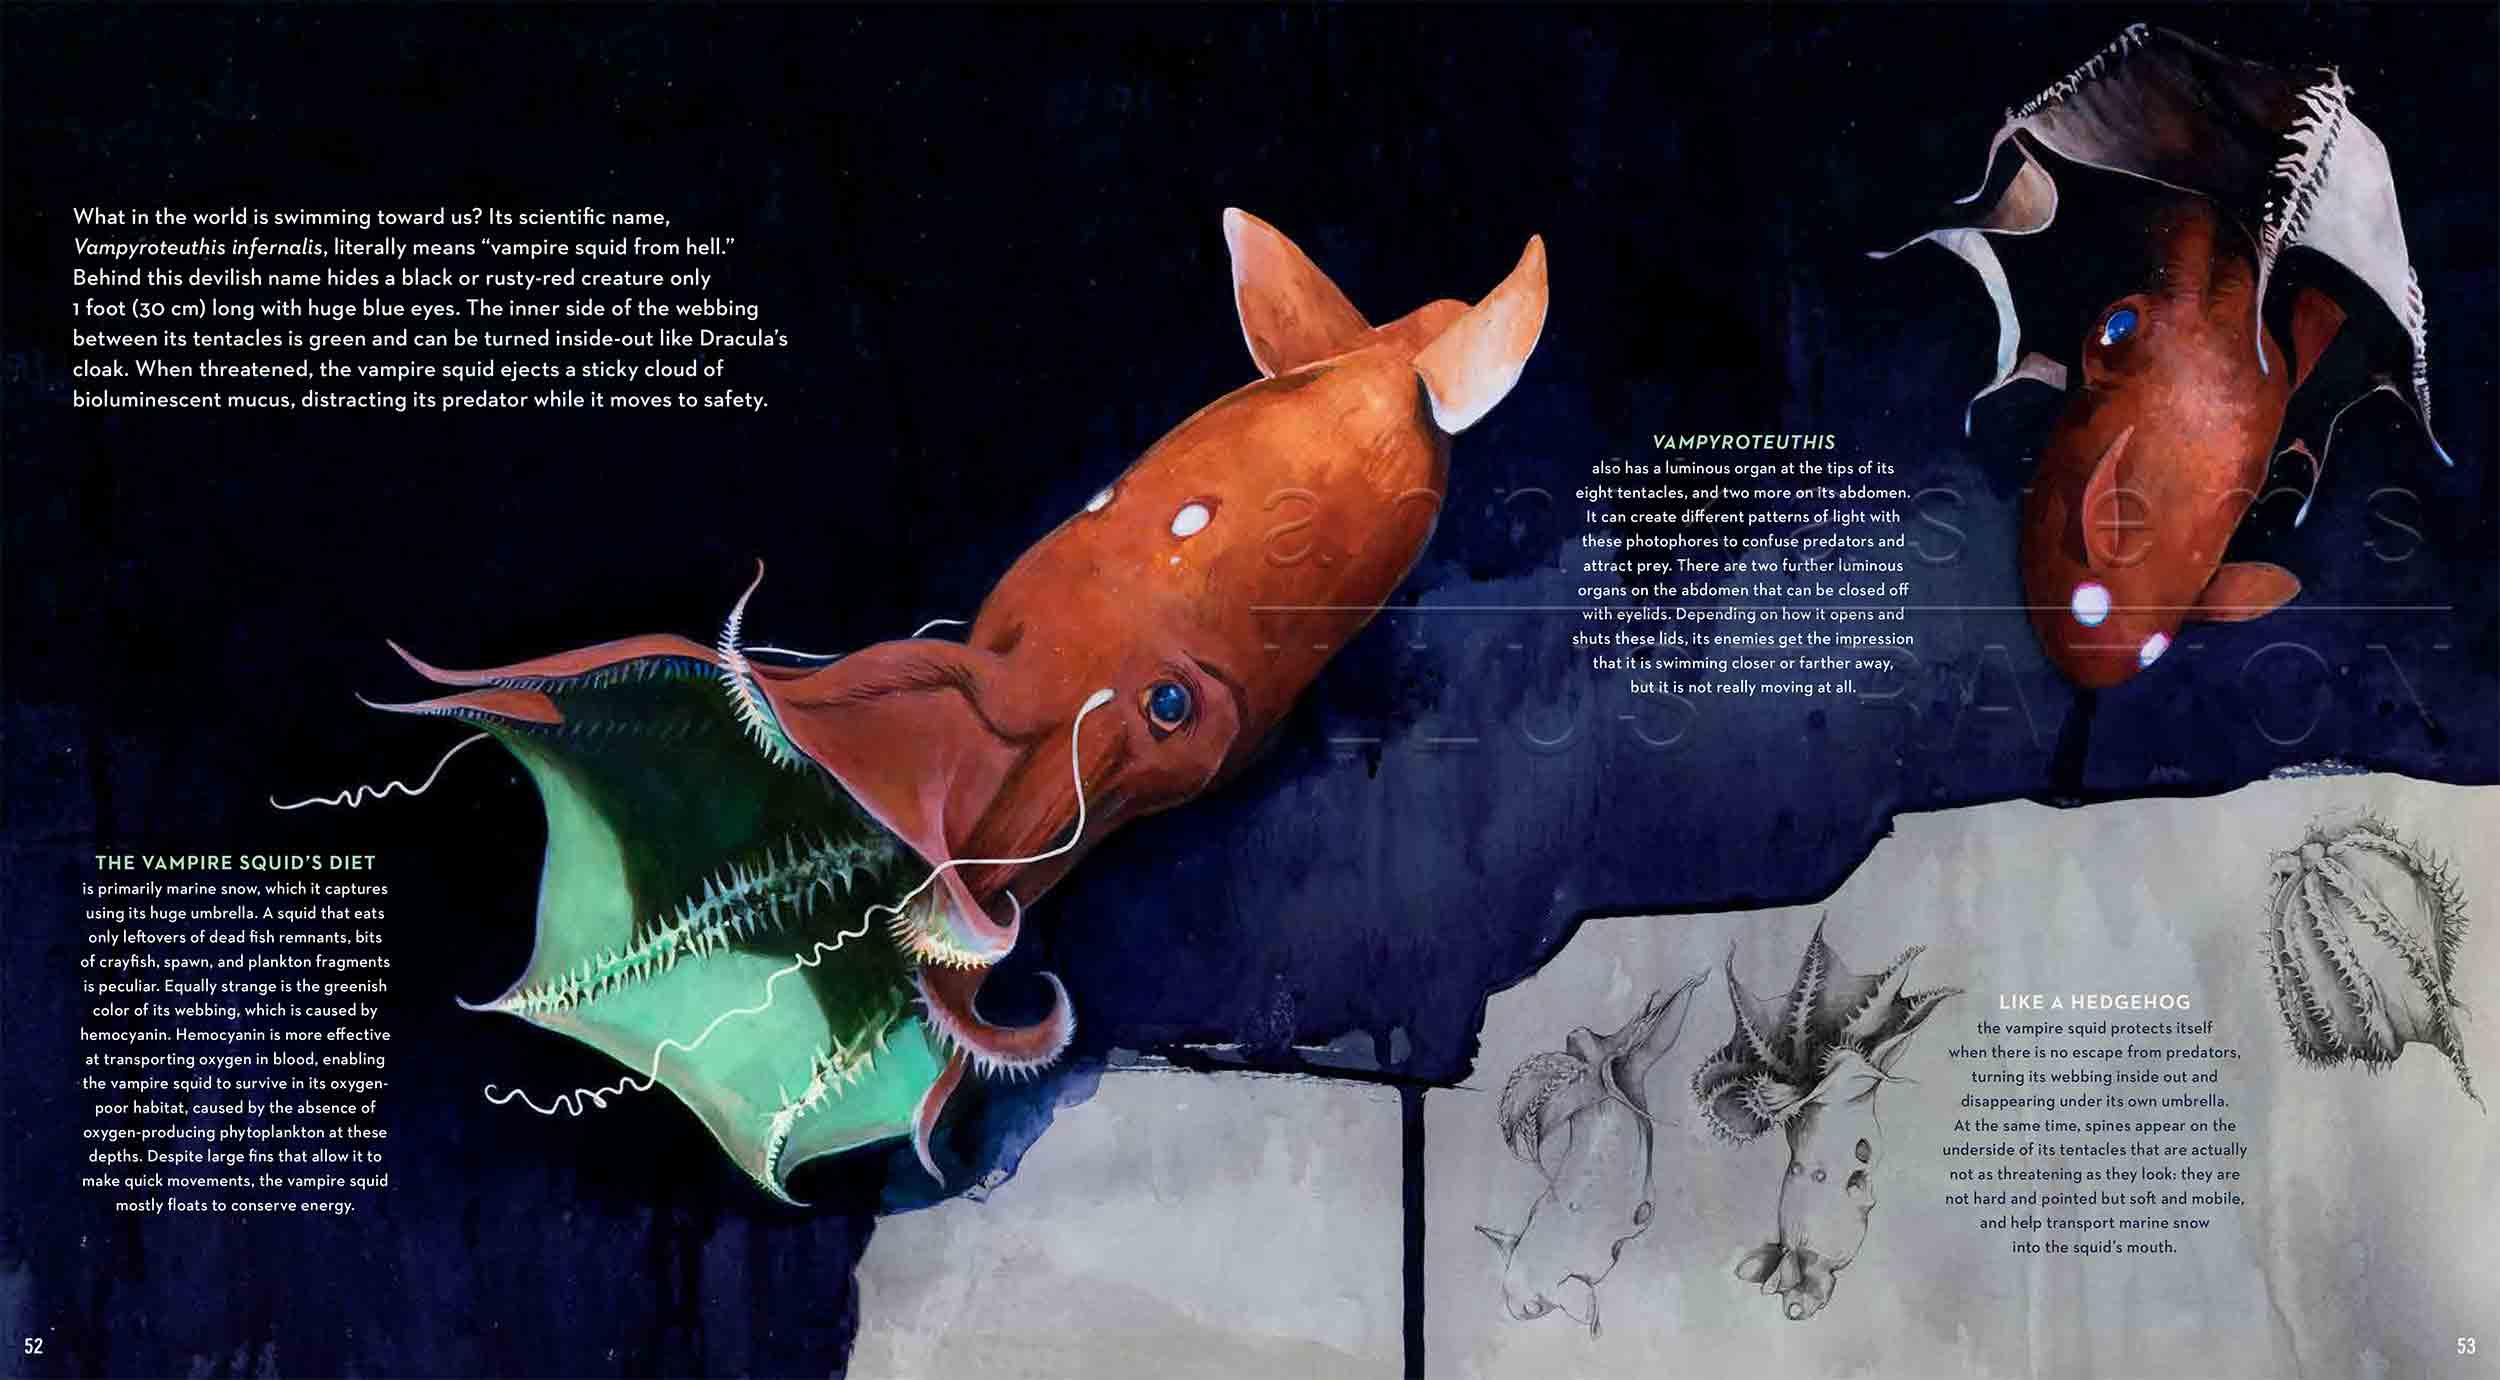 52-53vampiresquid-vampyroteuthisinfernalis-fish-deep-sea-Englisch-submersible-©annikasiems-plankton_deepsea-zooplankton.jpg